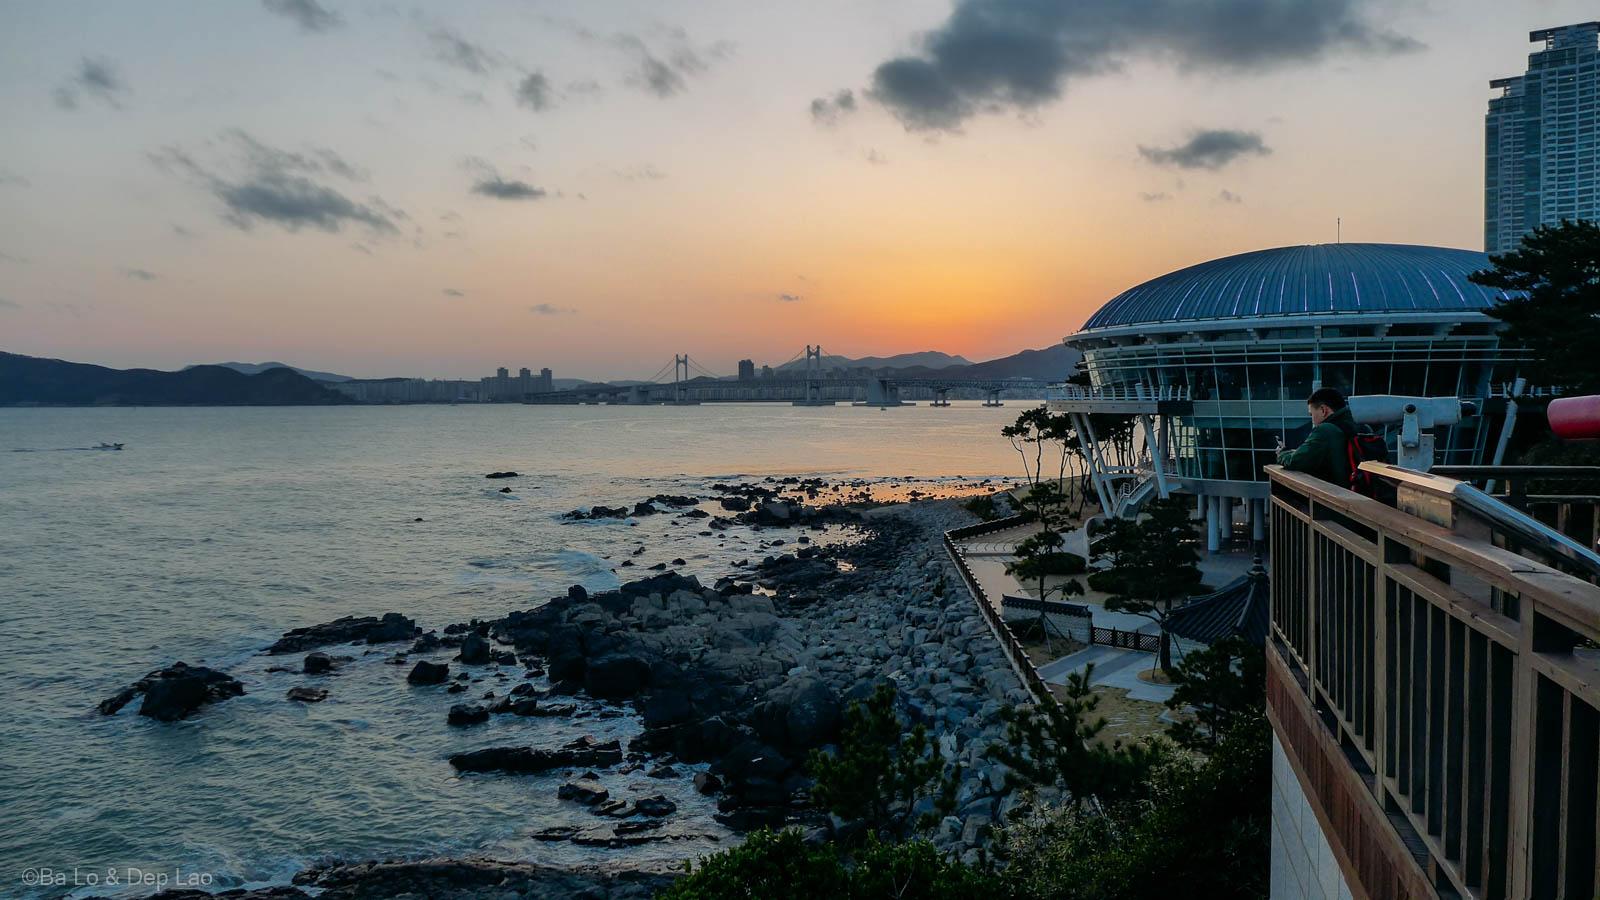 Hoàng hôn Busan nhìn từ đảo DongBaek